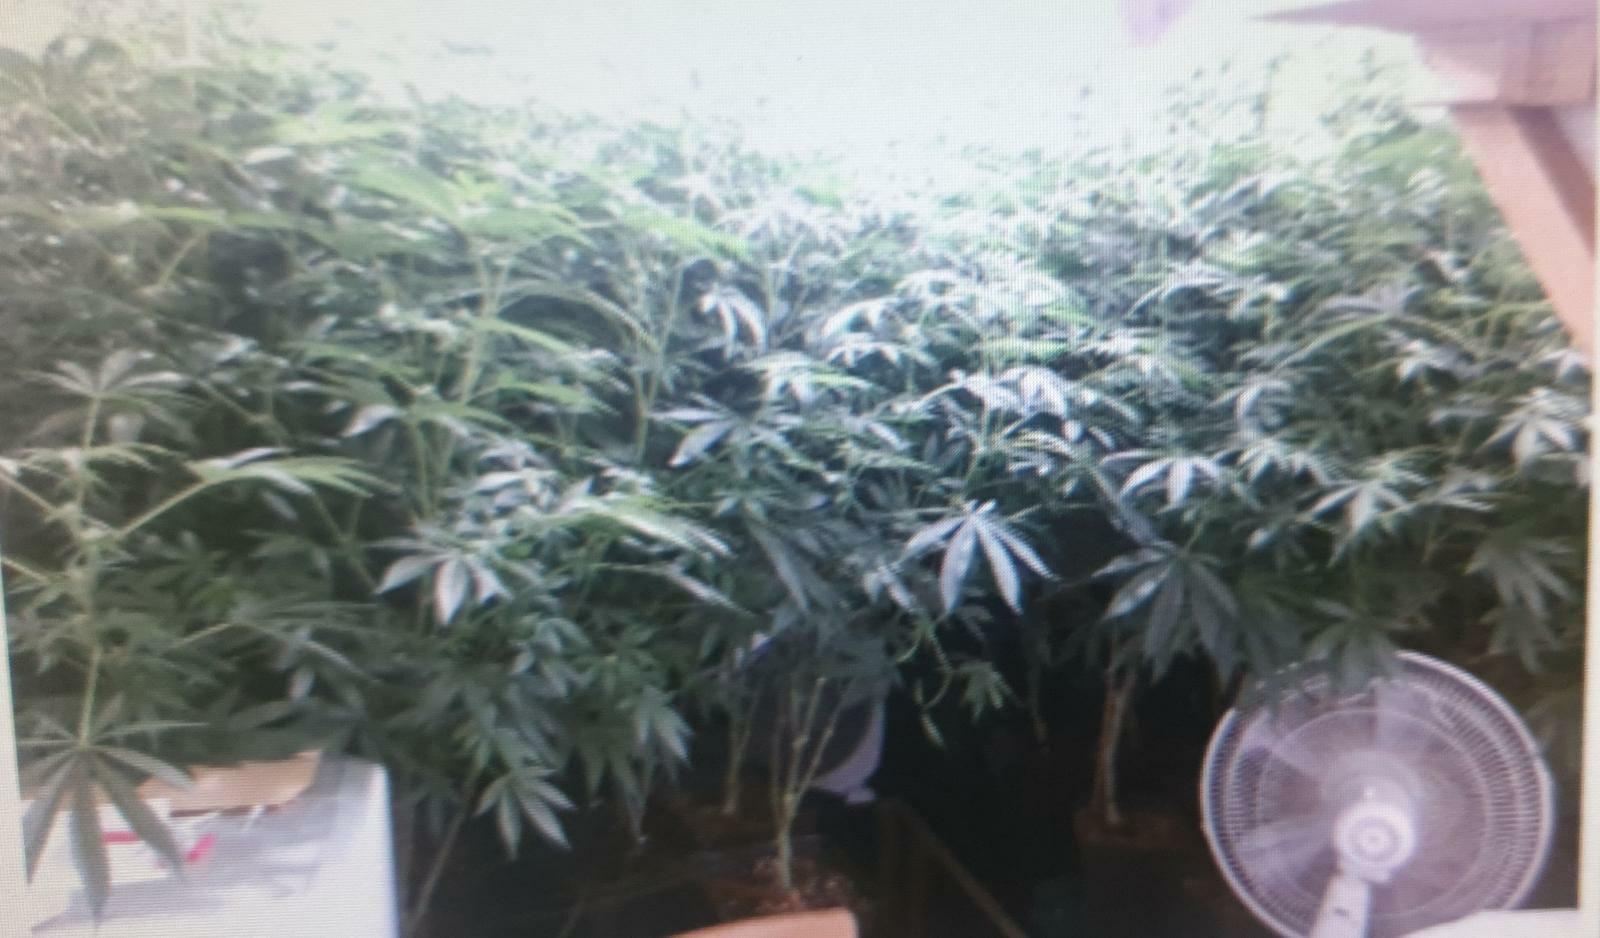 עשרות שתילי מריחואנה התגלו בדירה בעיר חריש. צילום משטרת עירון